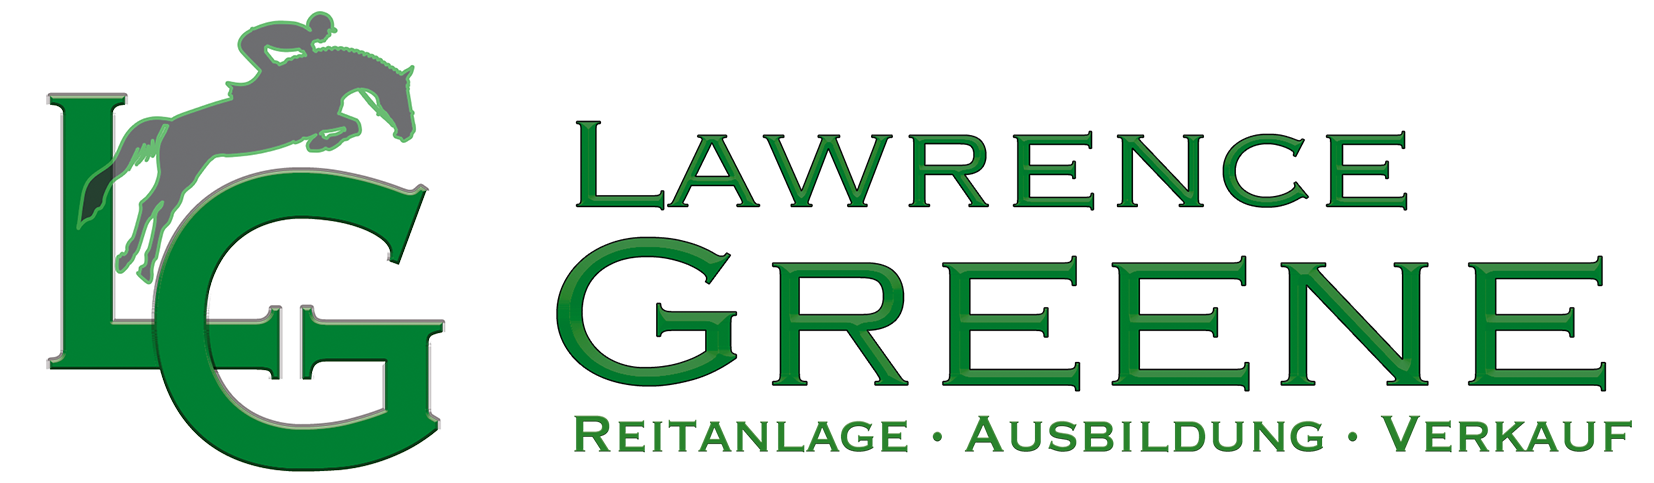 LG-Reitanlage